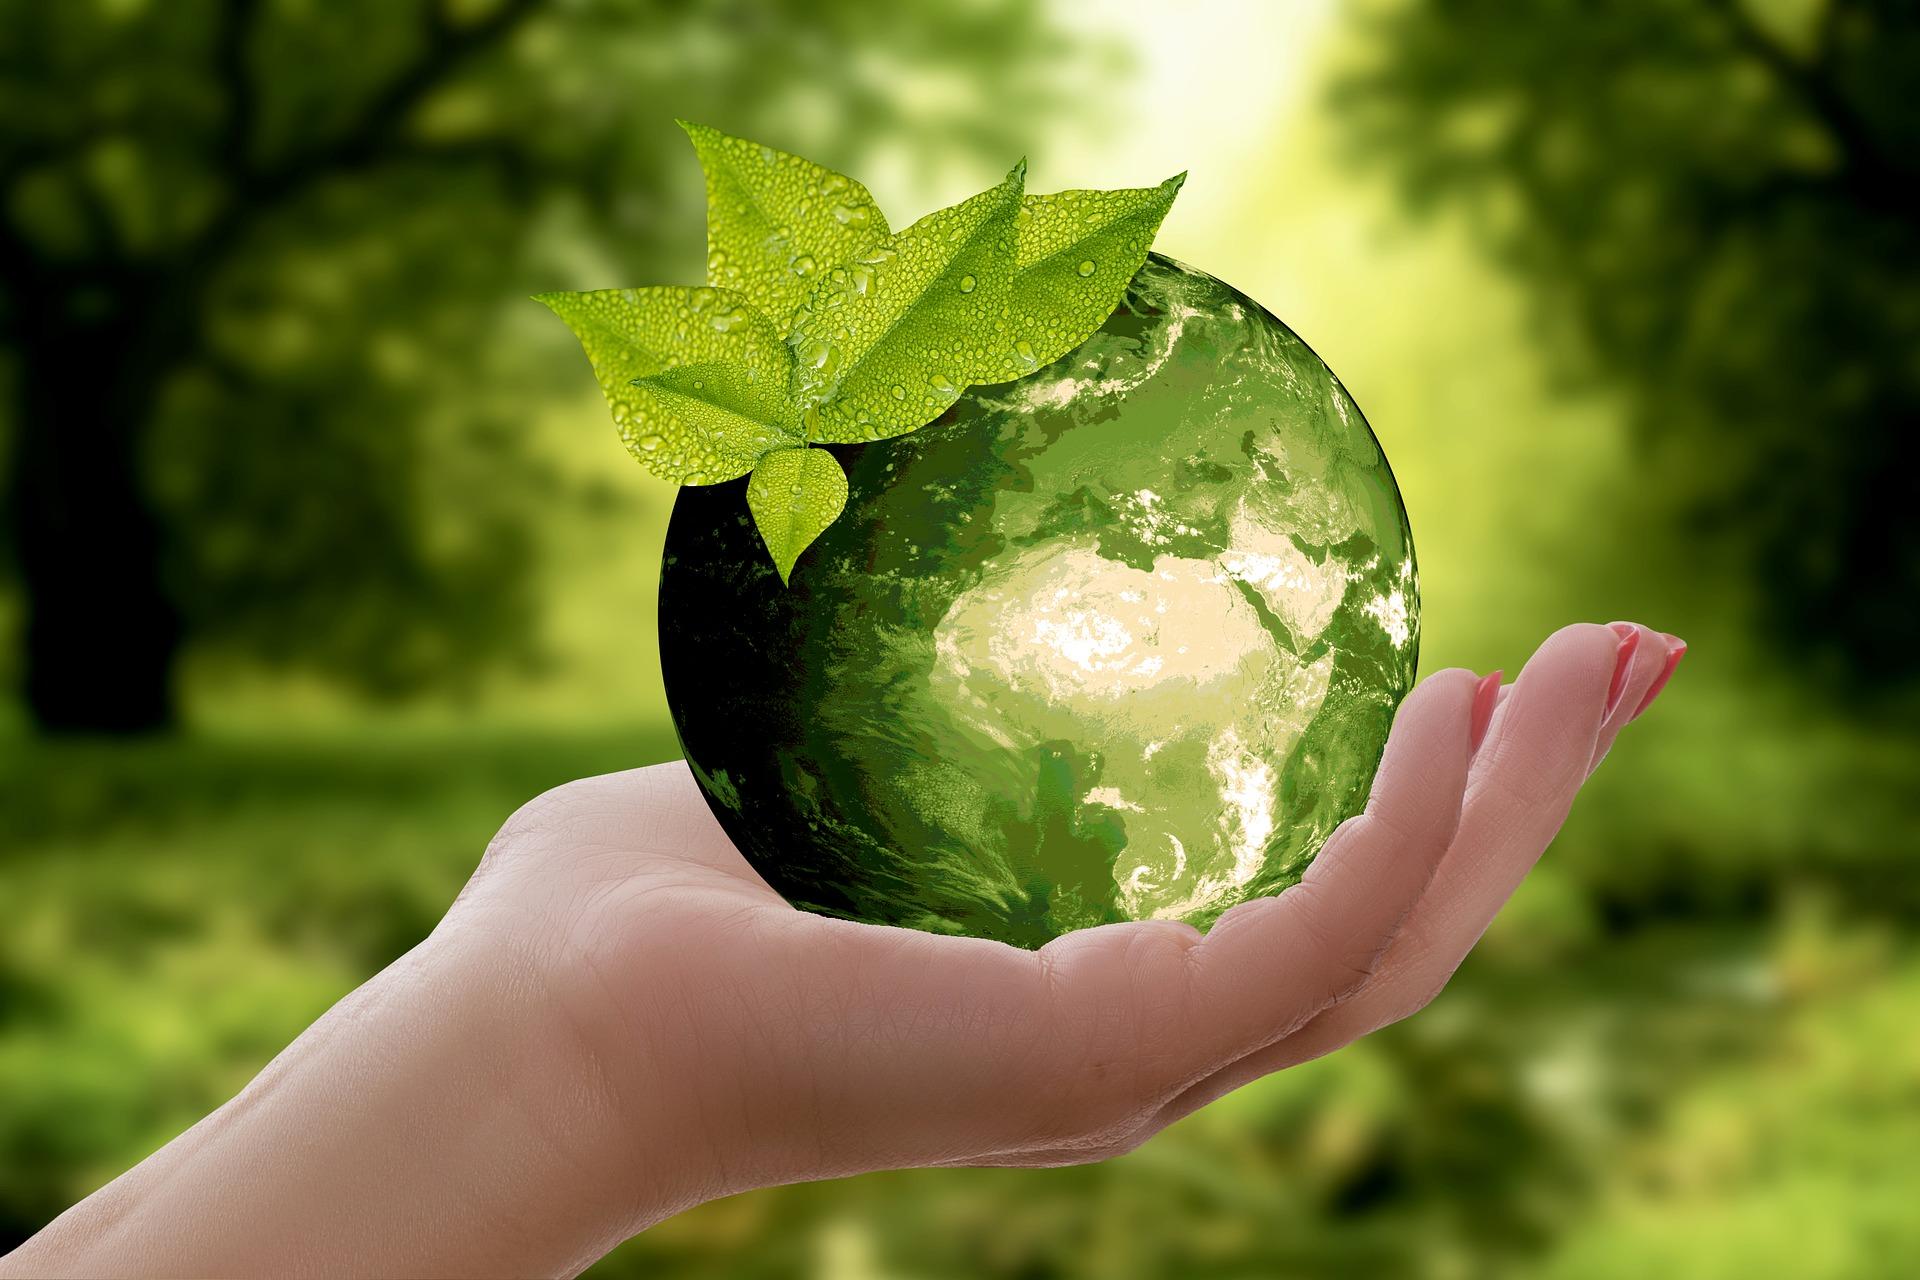 SéMás Consultoría: especialistas en optimizar empresas desde un punto de vista económico, social y medioambiental